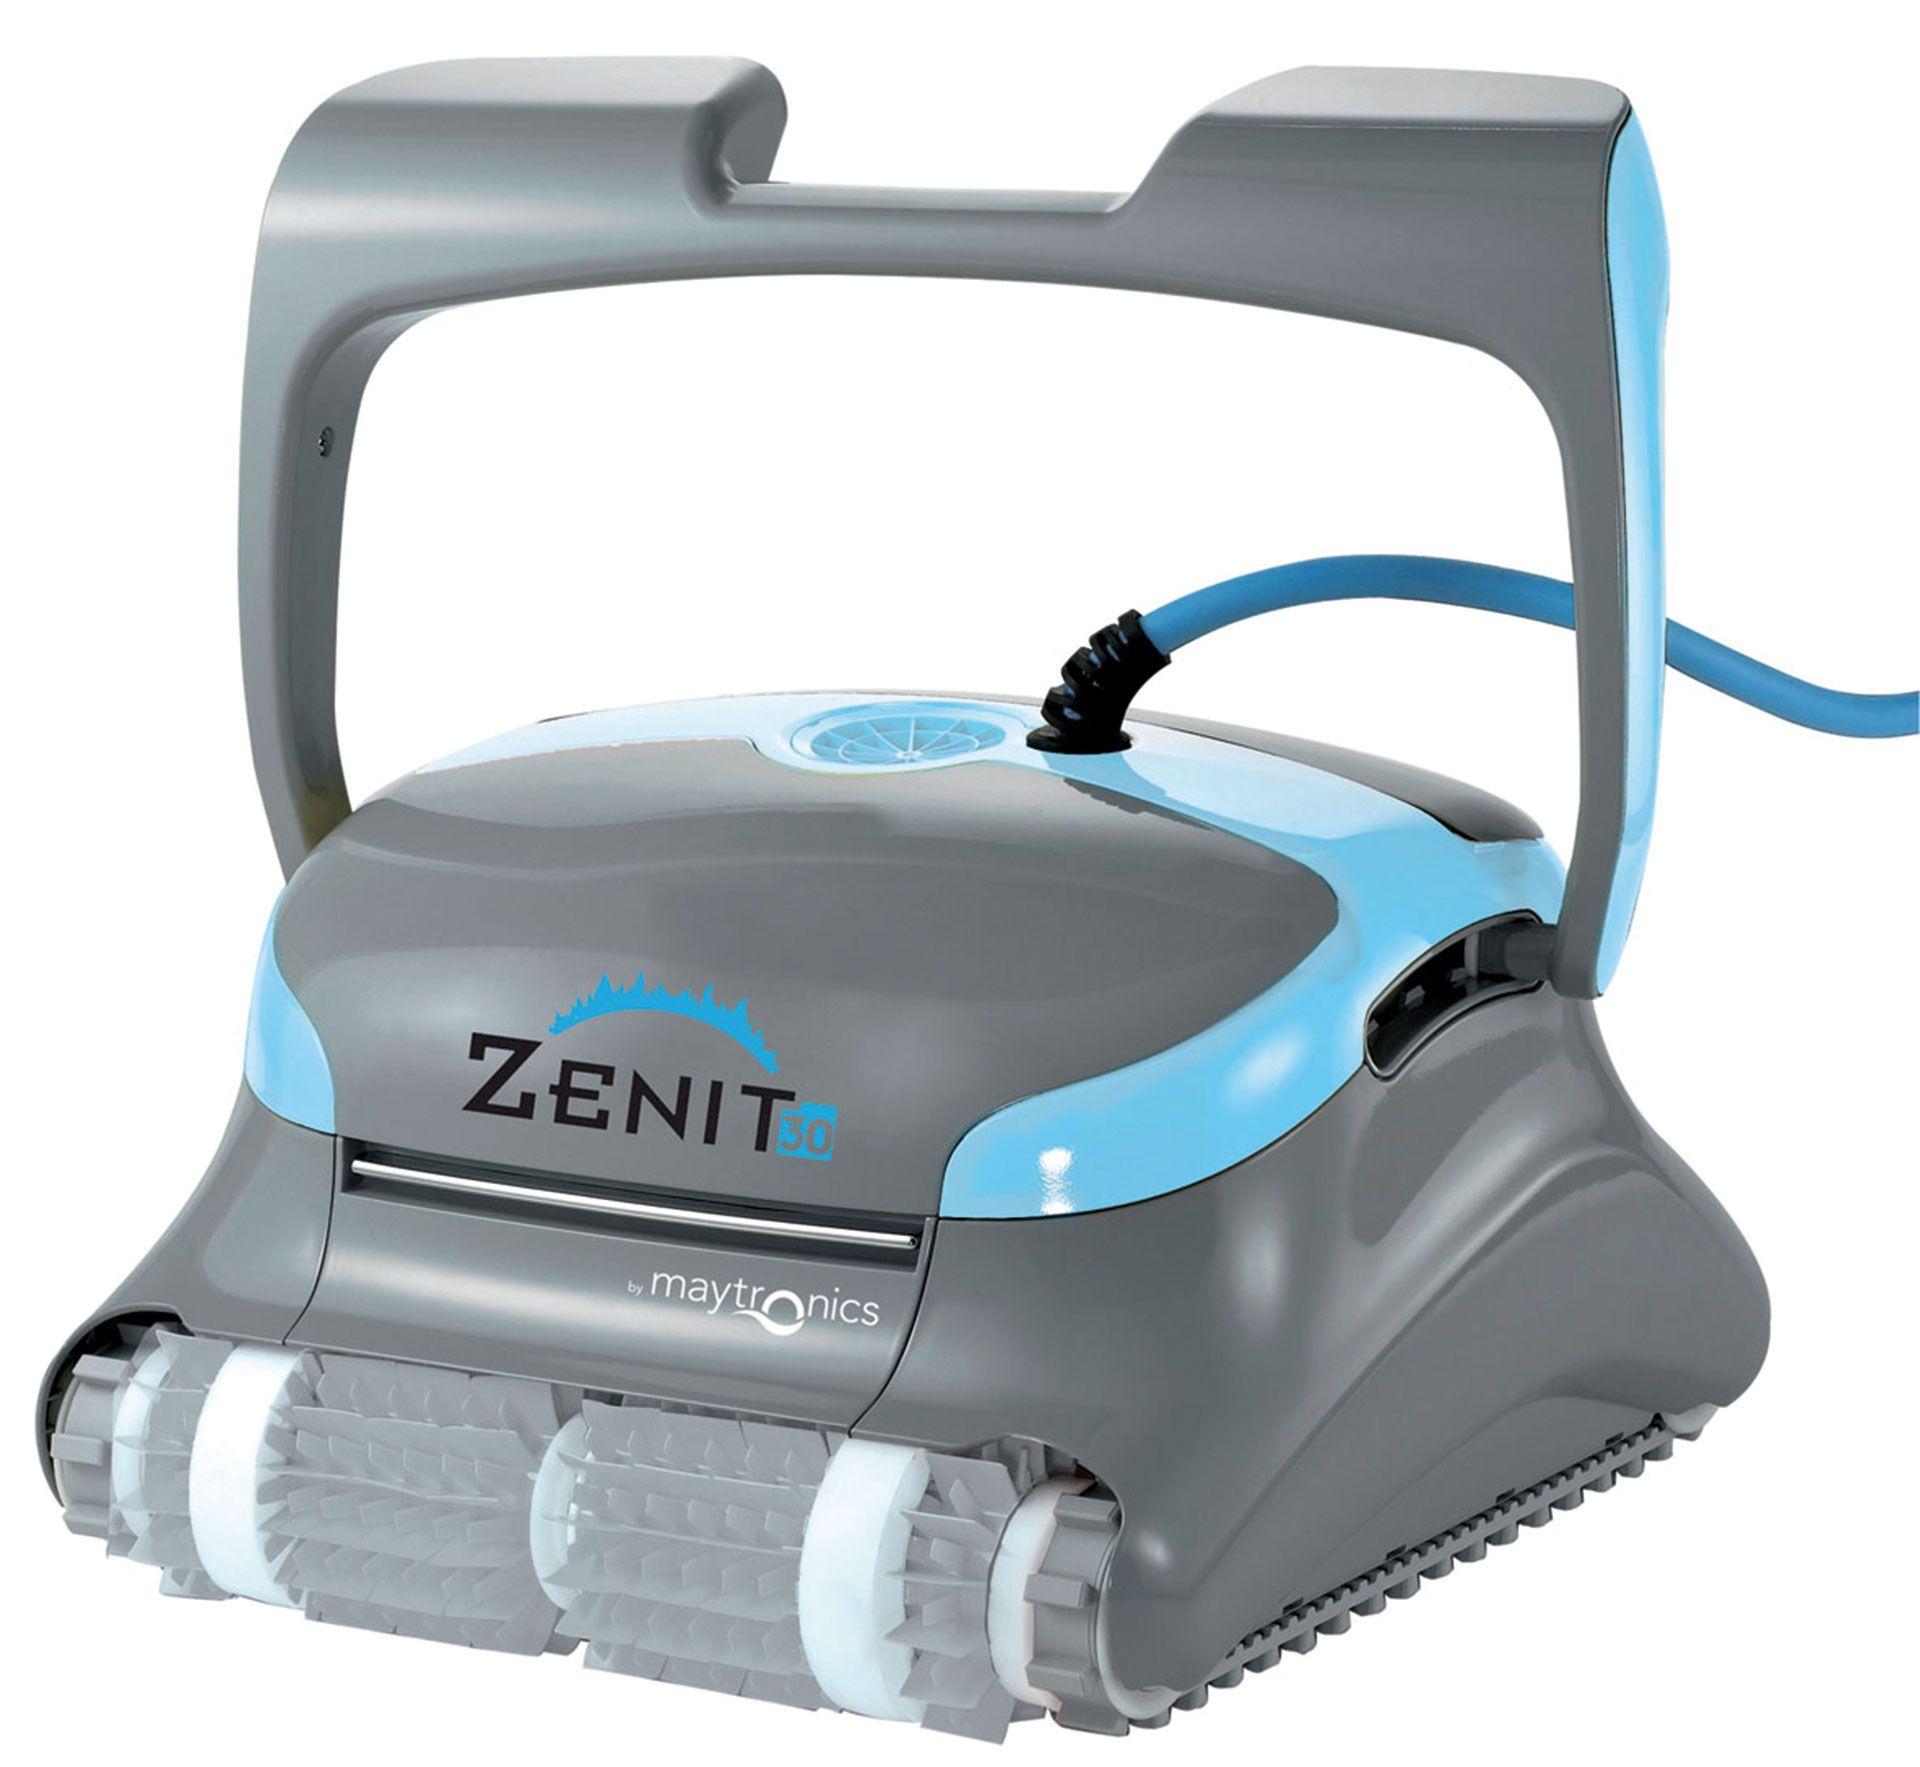 produit nettoyage ligne d eau piscine robot lectrique avec t l commande pour piscine zenit30